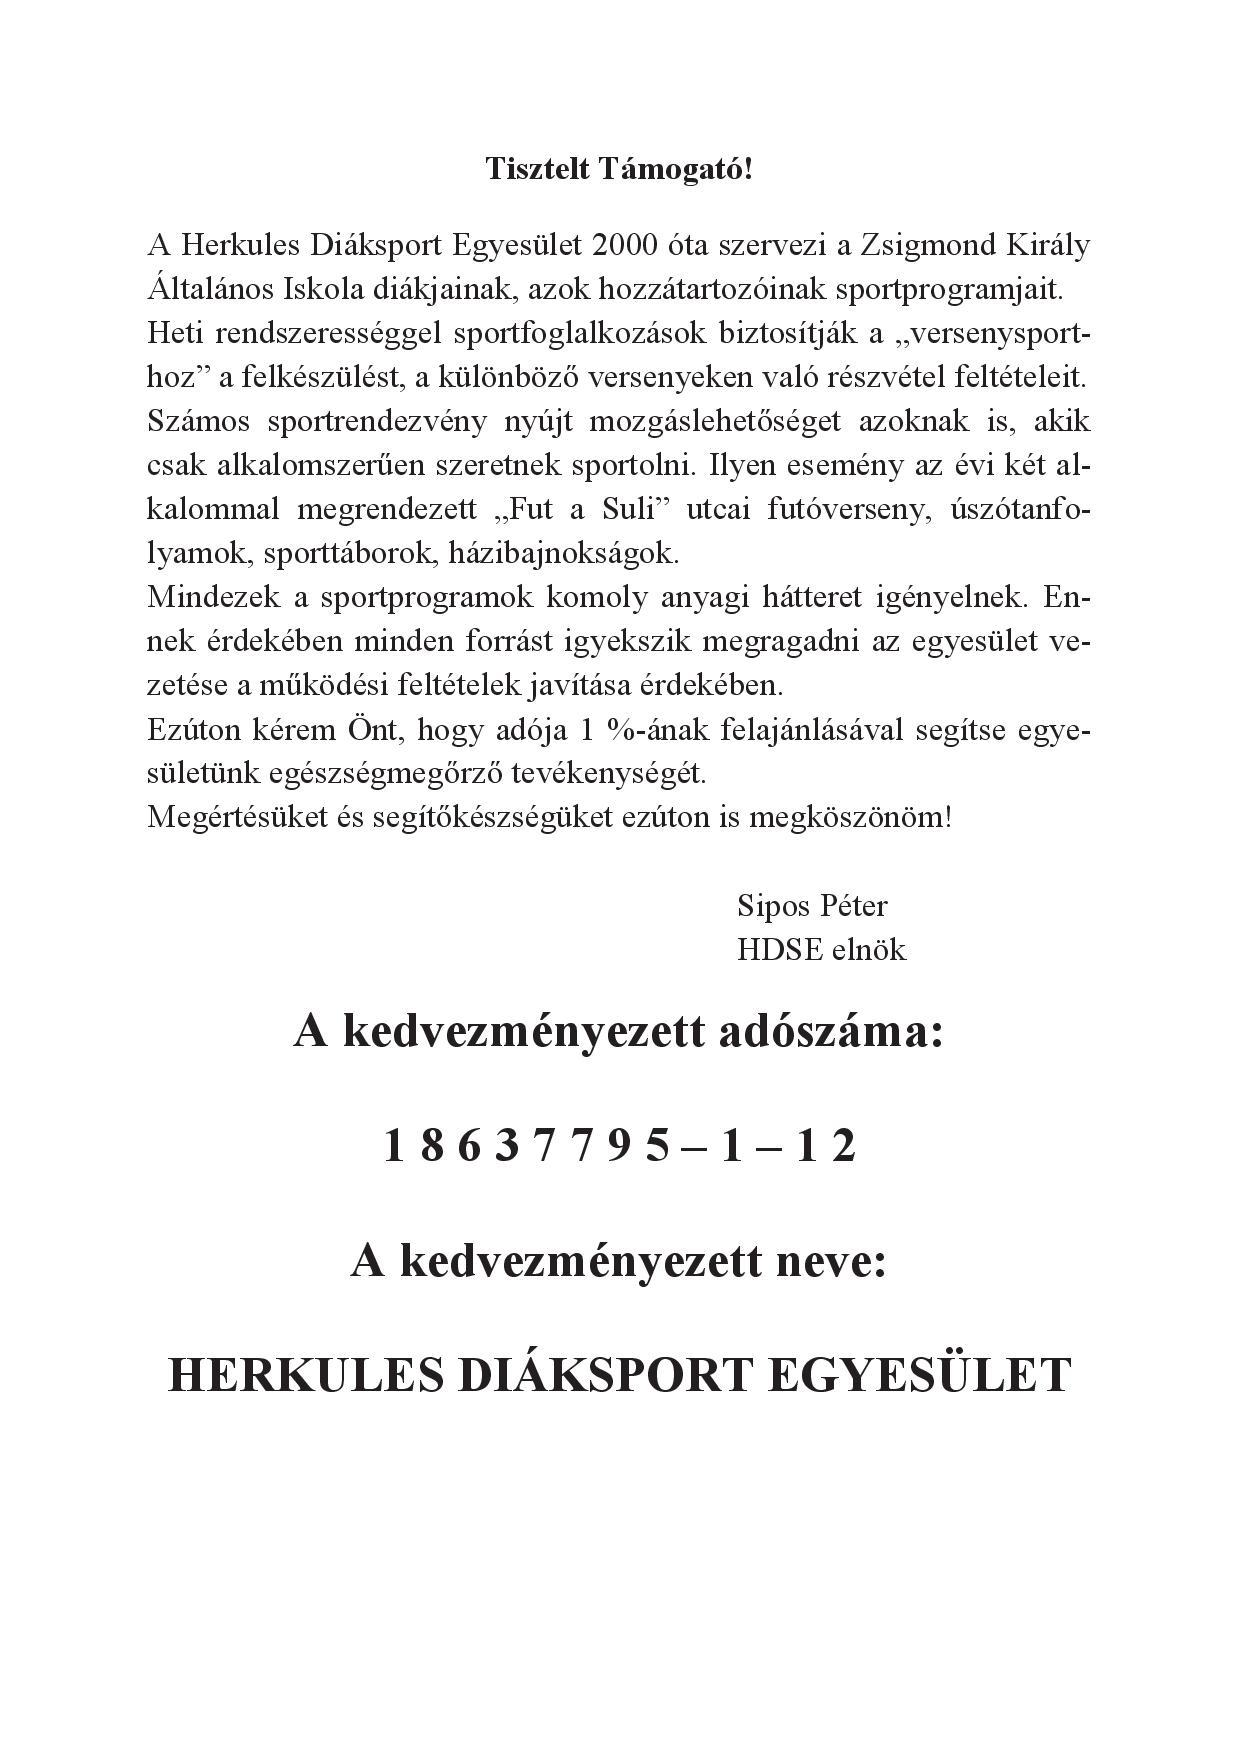 Herkules DSE közlemény